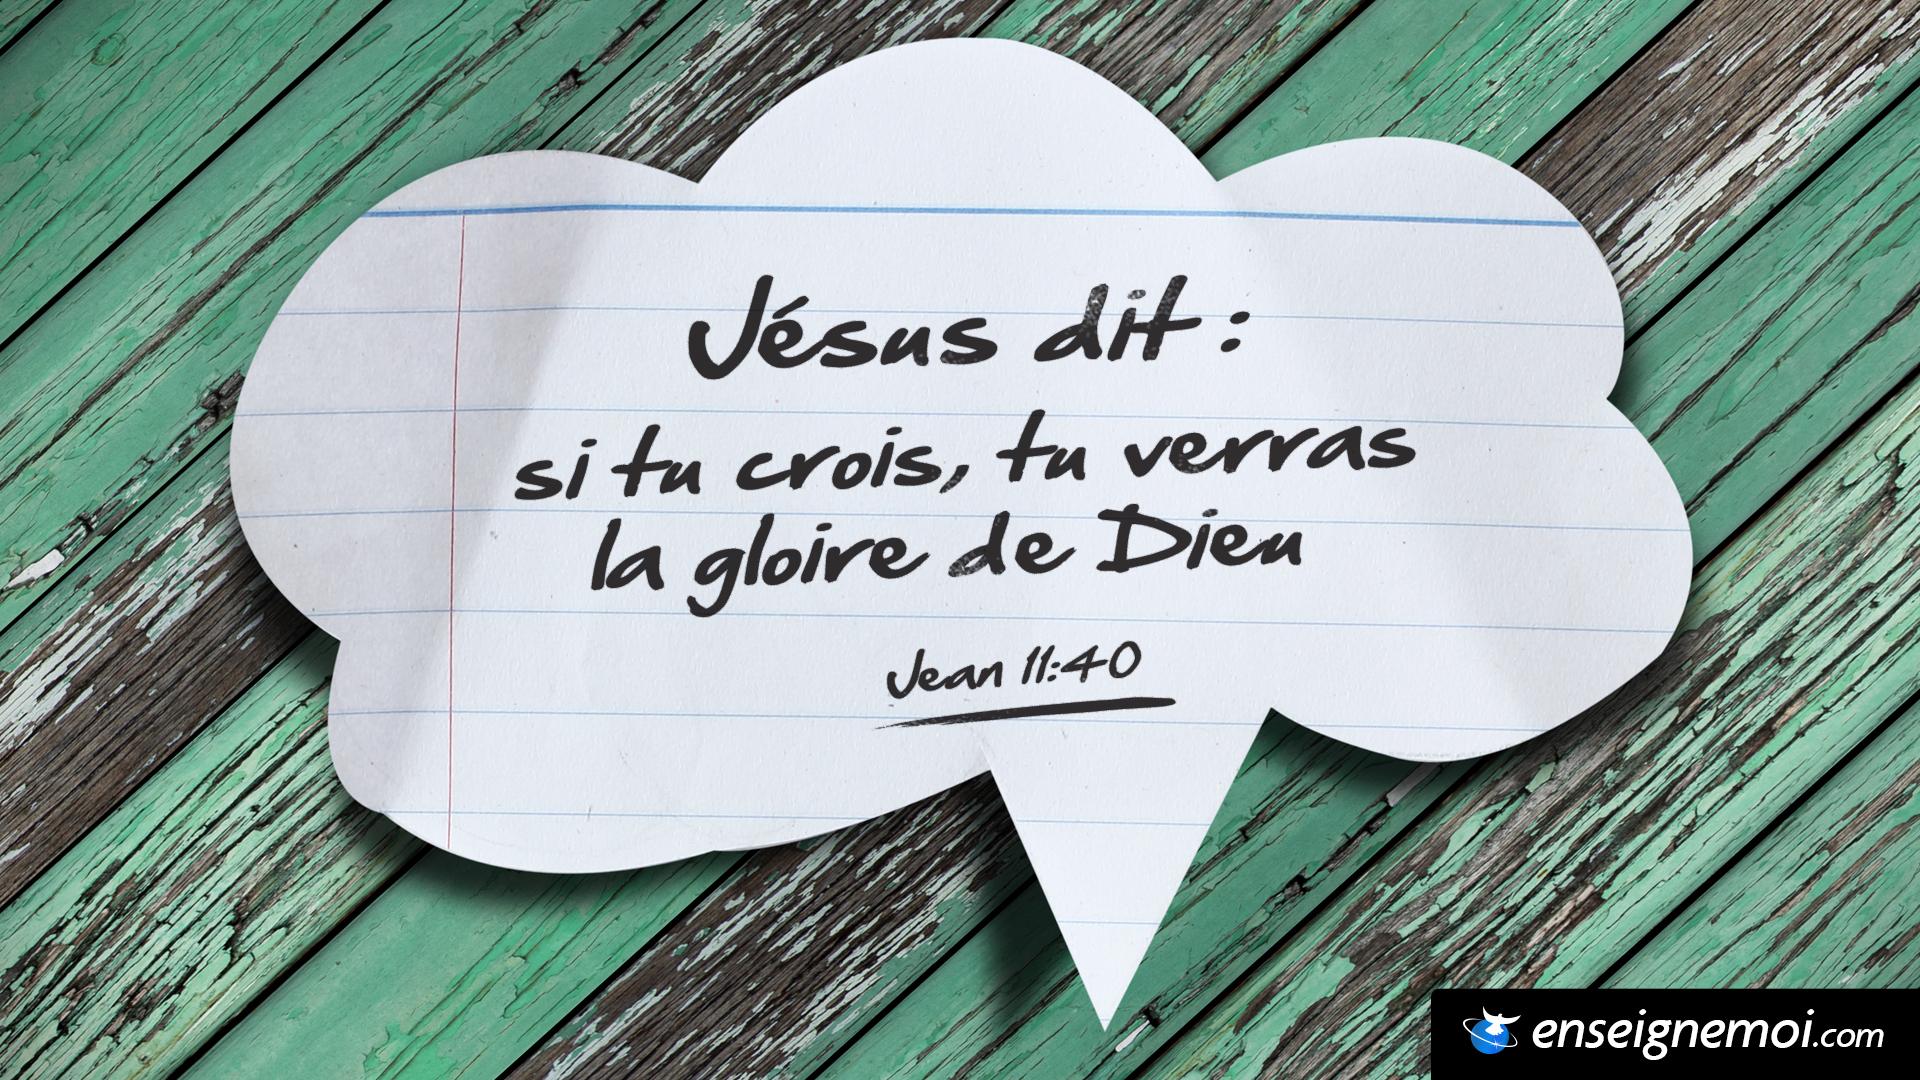 Bien connu Le verset du jour en image :: Bible :: EnseigneMoi WB19